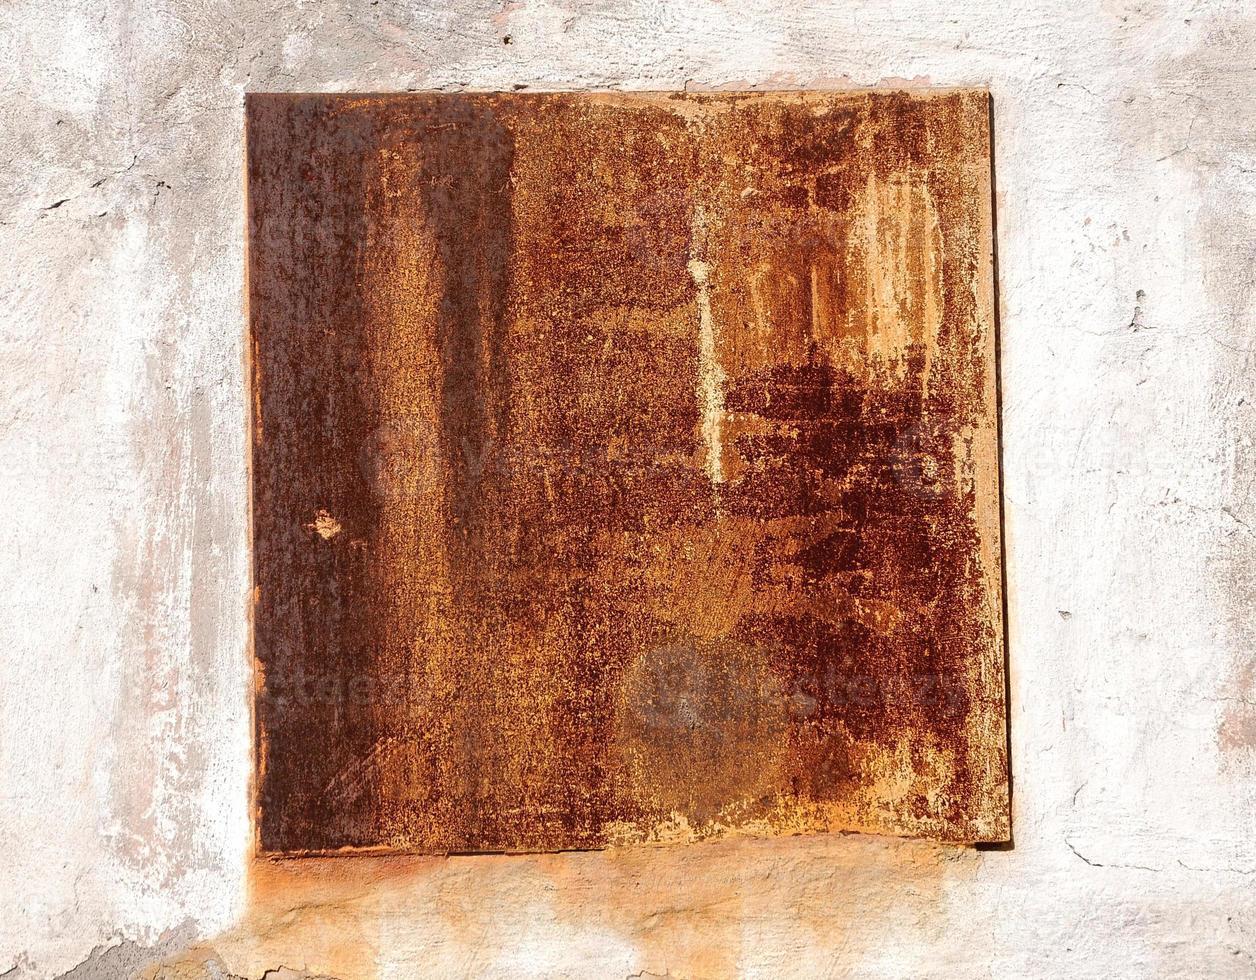 sprucken rostig metallvägg. bakgrund för design foto